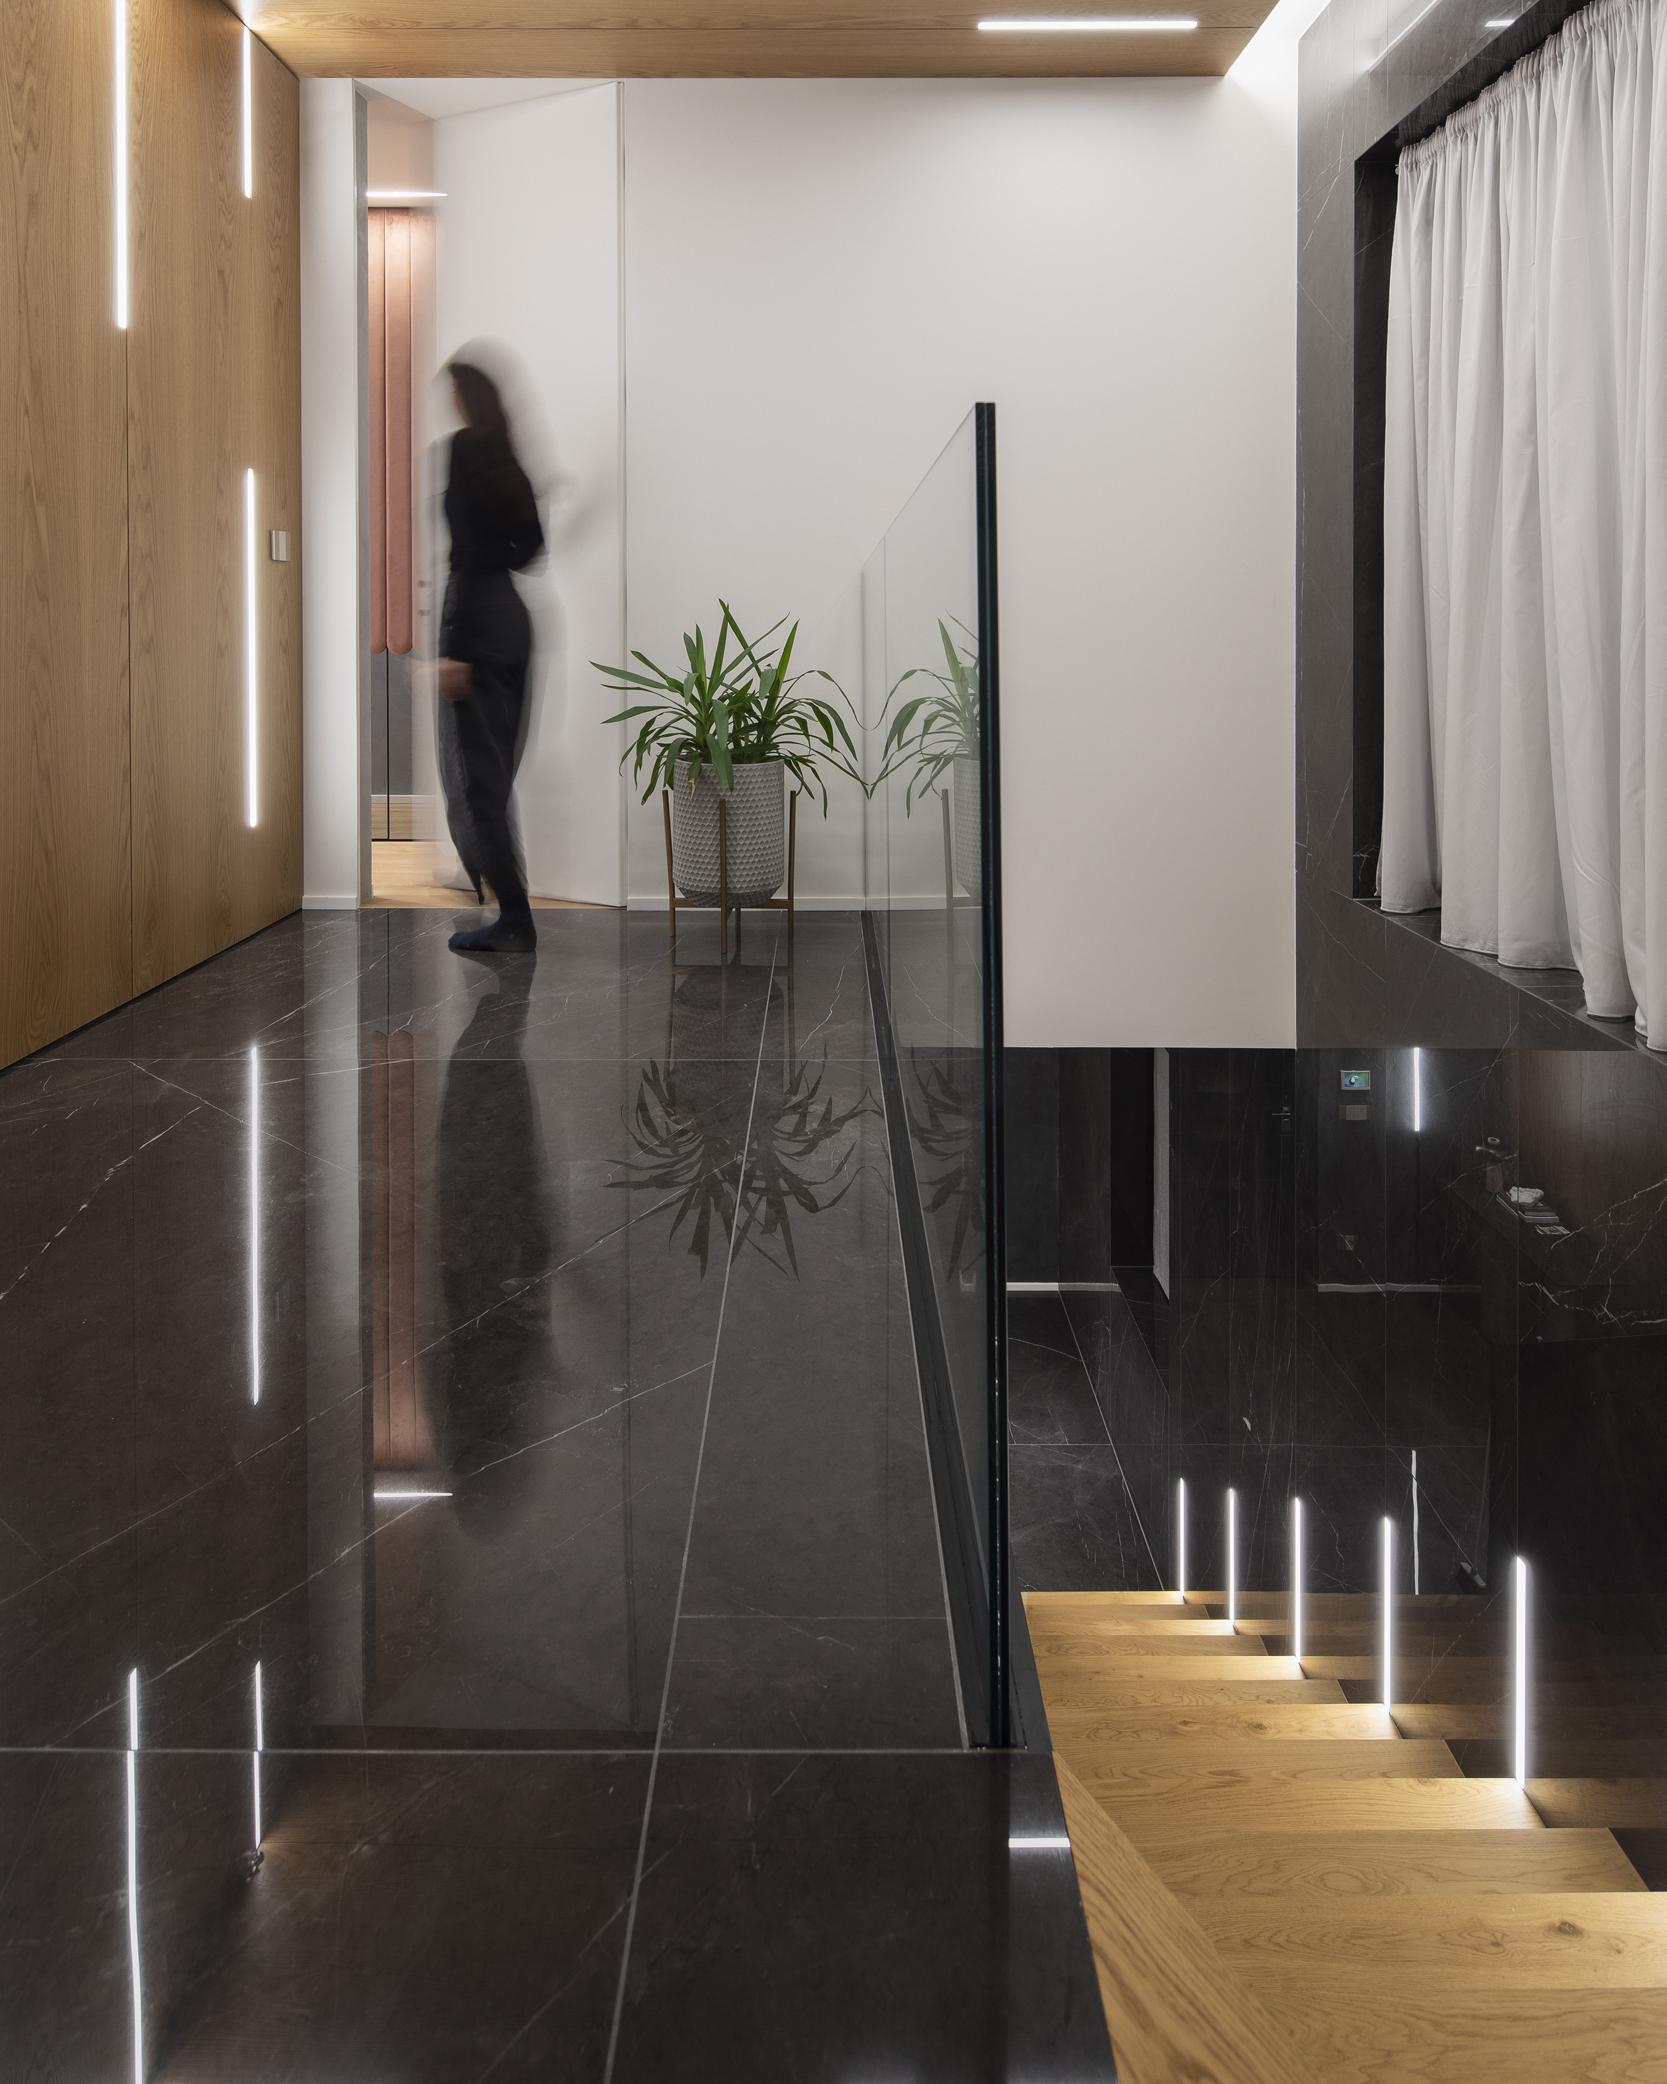 Стълби и коридор със стъклена преграда